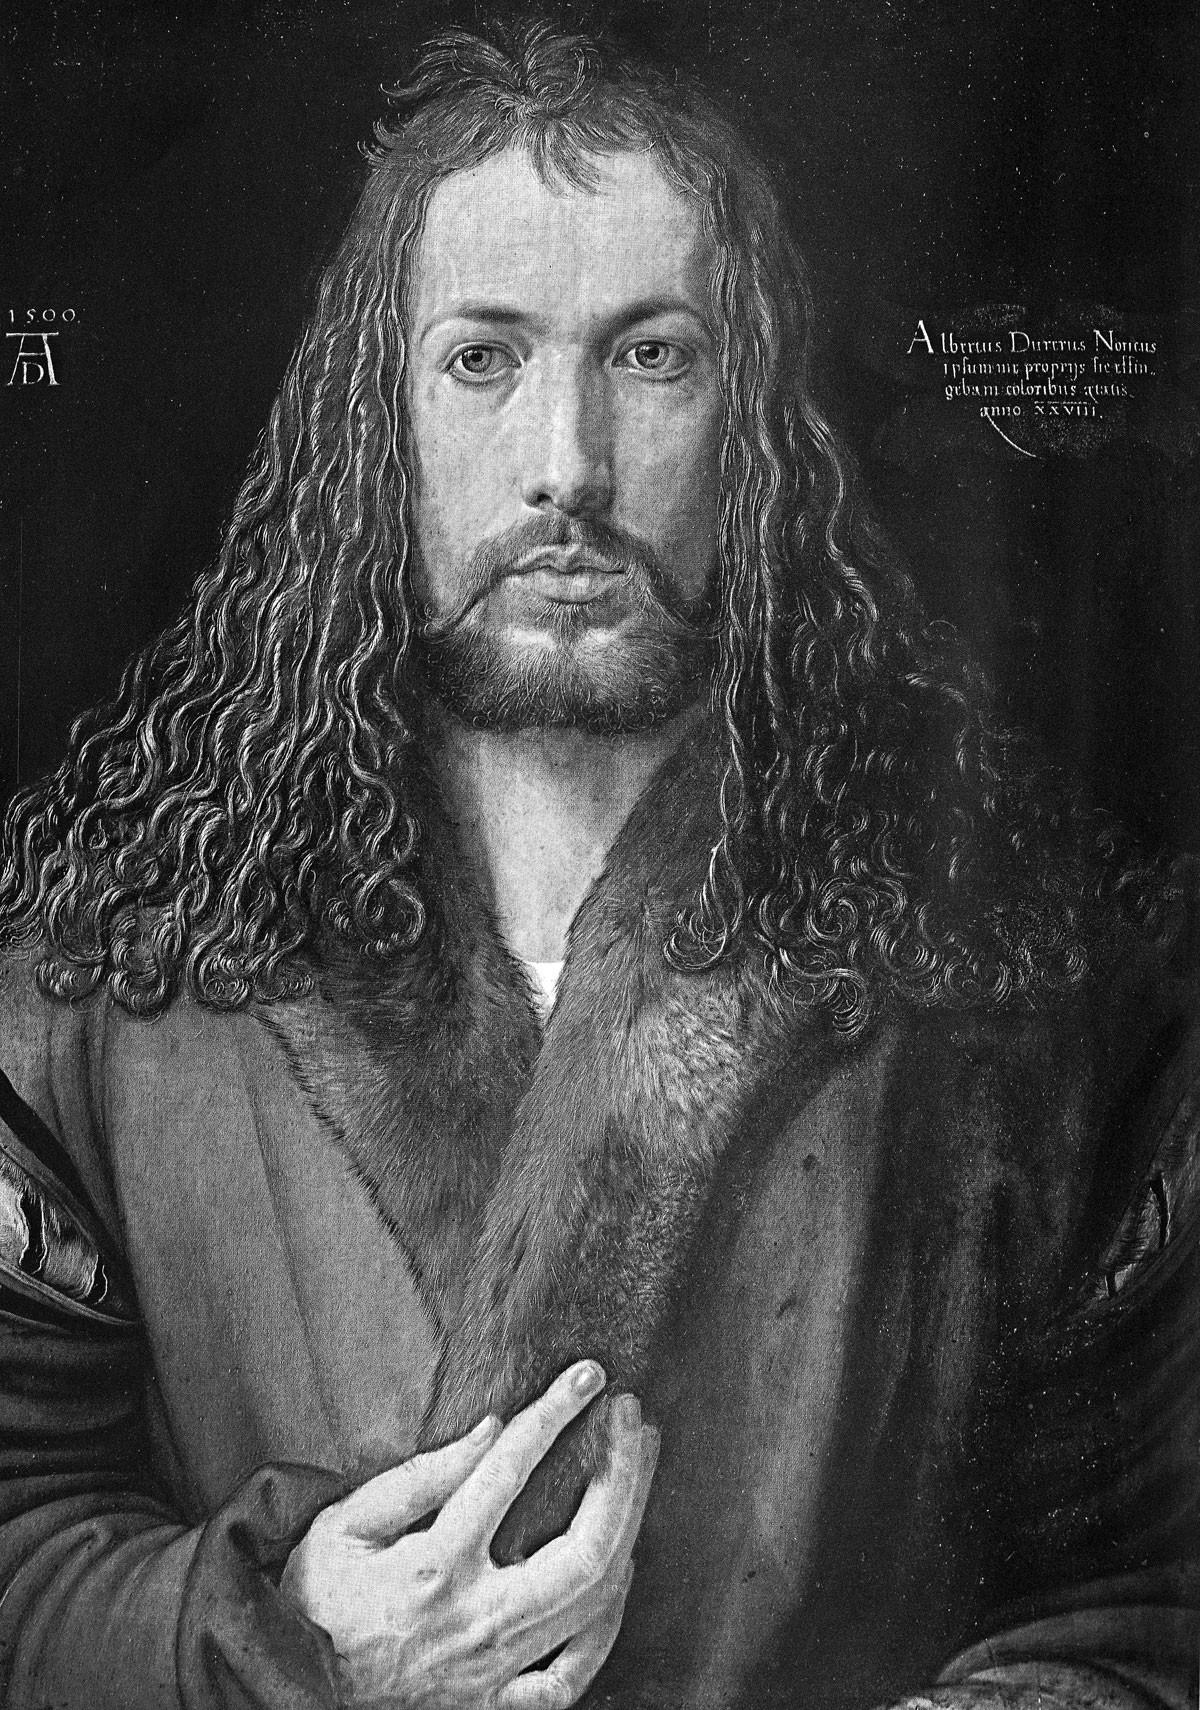 Dürernek ez az Önarcképe egyike a világon a legismertebbeknek, 1500-ban készült